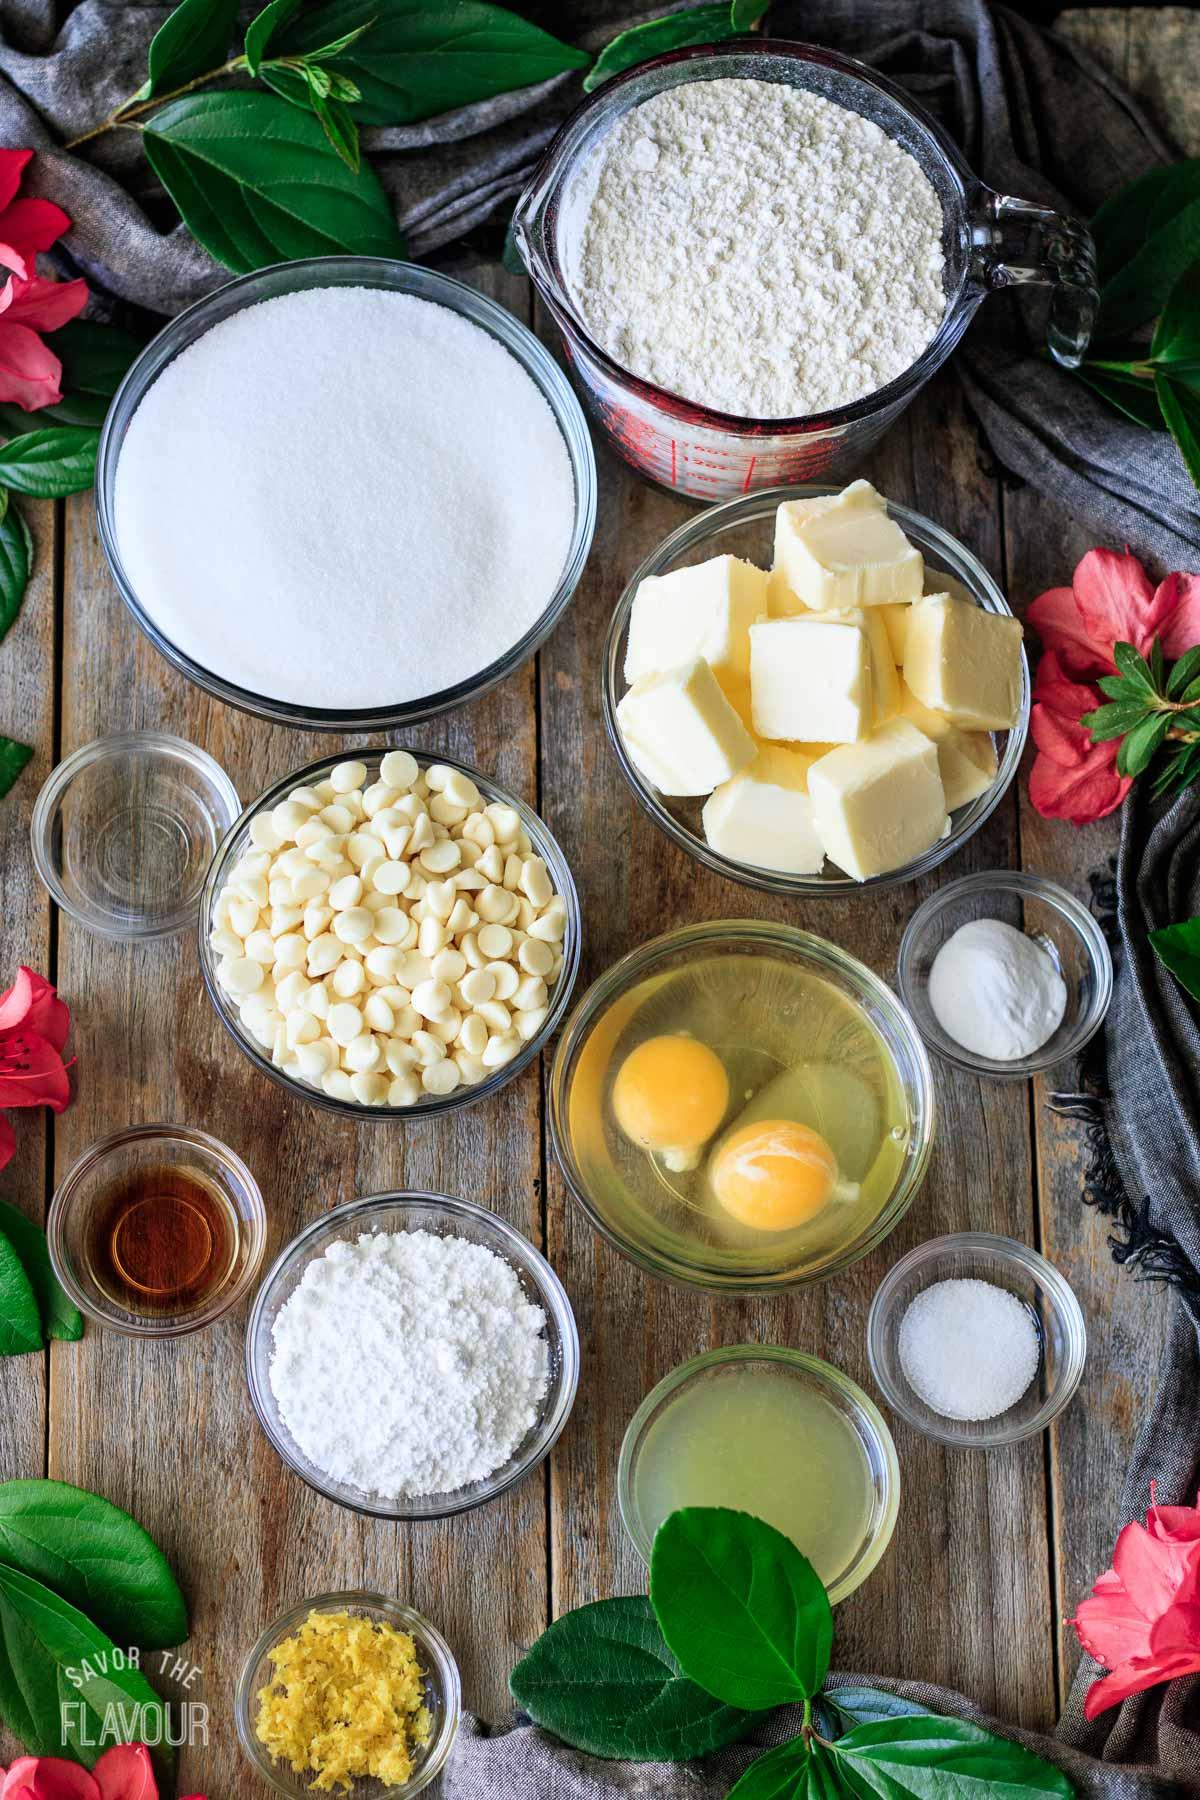 bowls of ingredients for lemon drop cookies